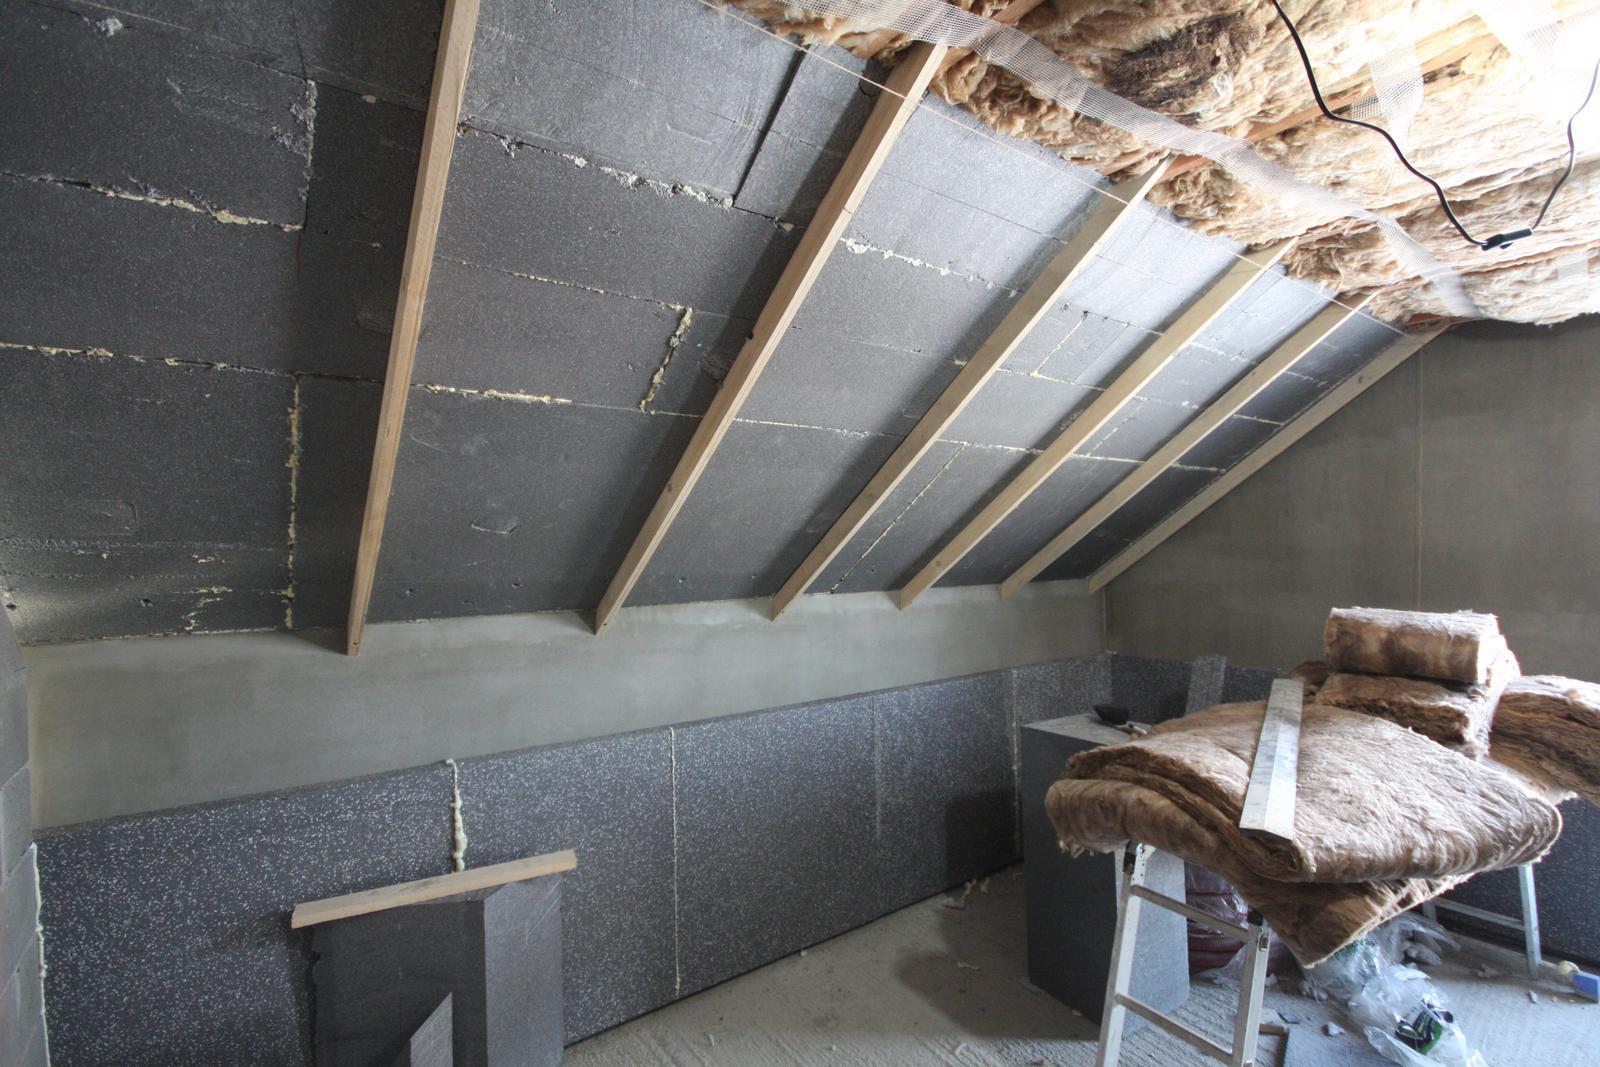 Nulový dom bez komína... Som UFO? - konstrukcia plafon... horne izby.. ELEGANTNE - bez jedineho tepelneho mosta.